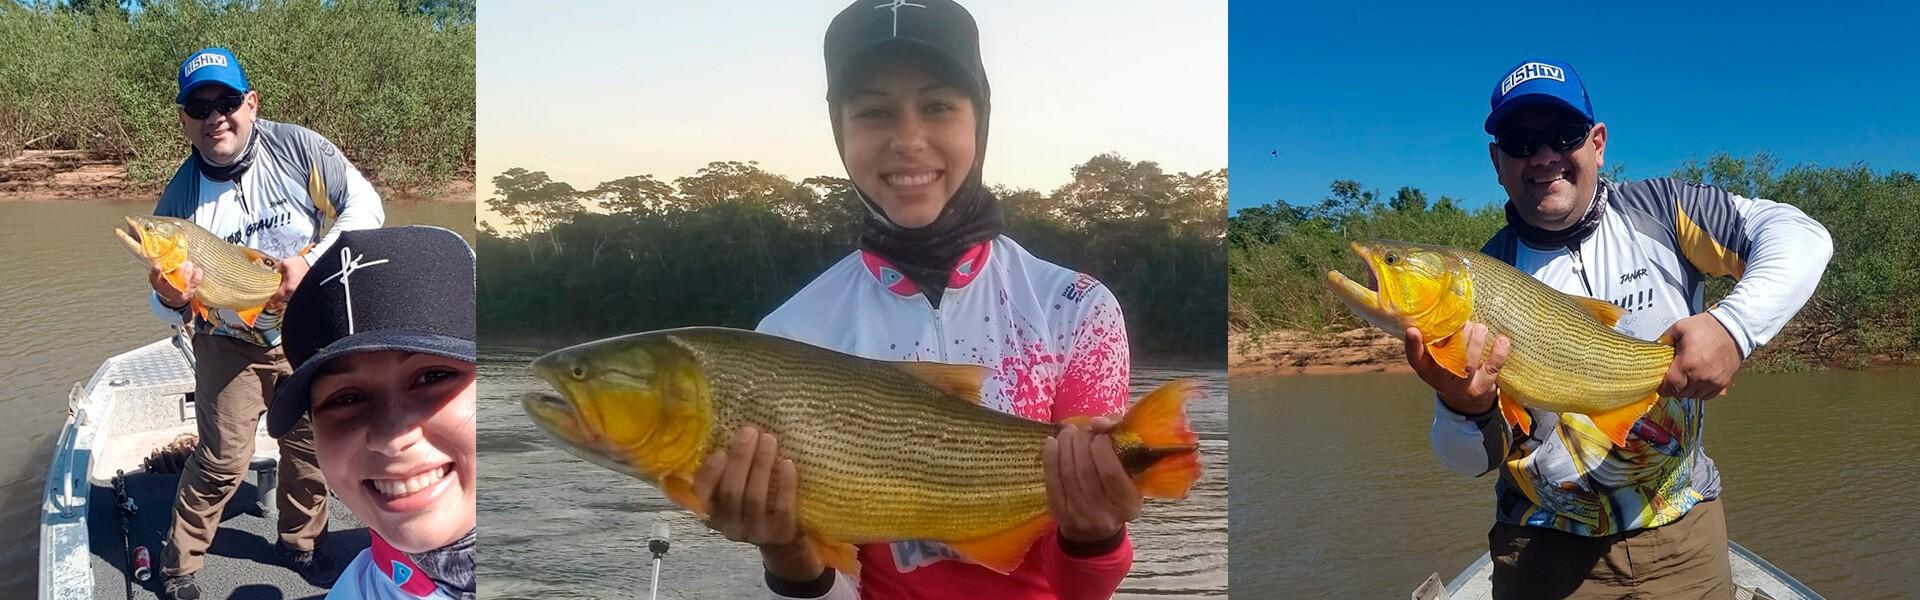 Através do Clube Fish TV, pescador pesca no Mato Grosso